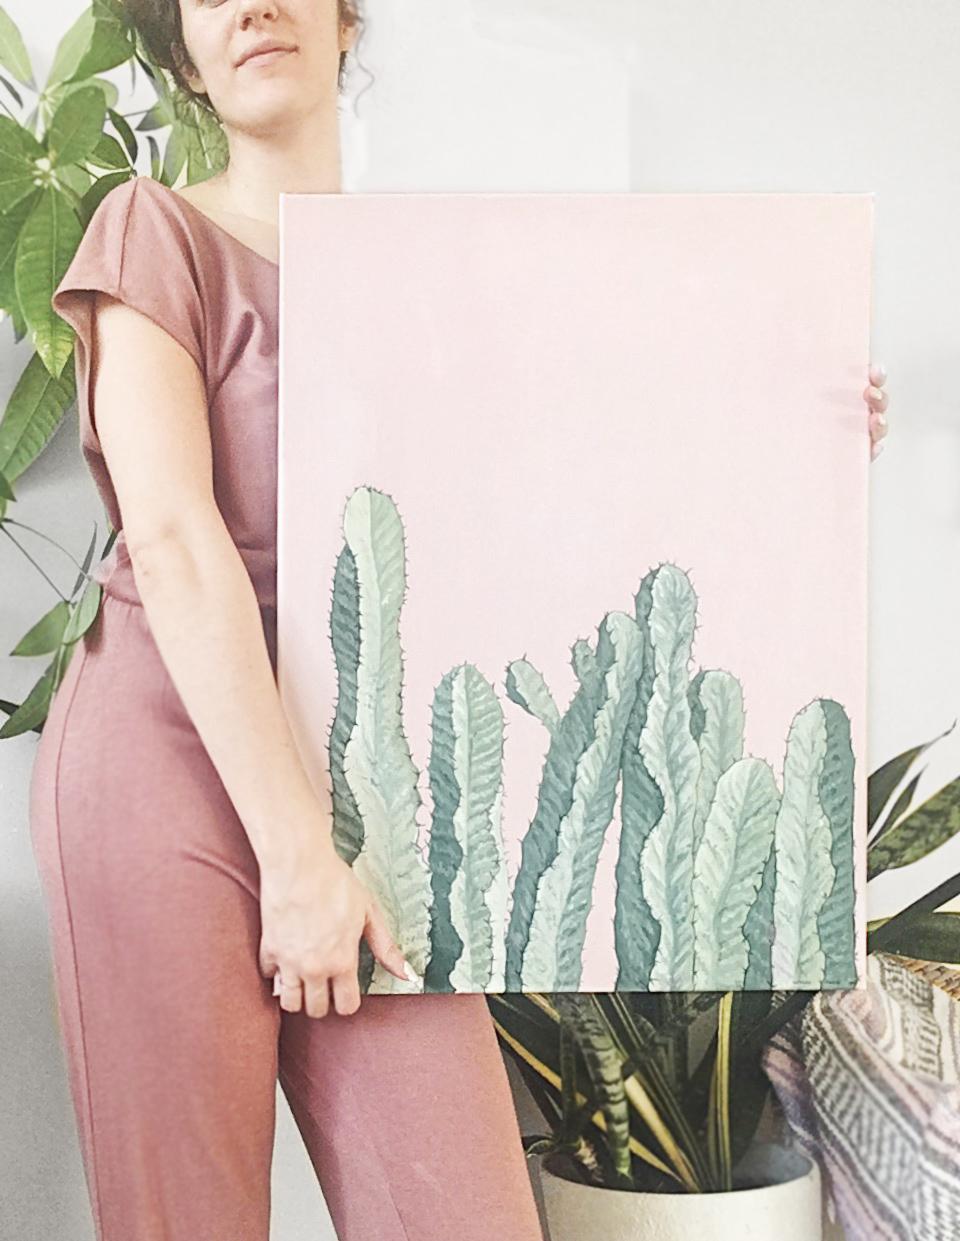 cactusscale.jpg